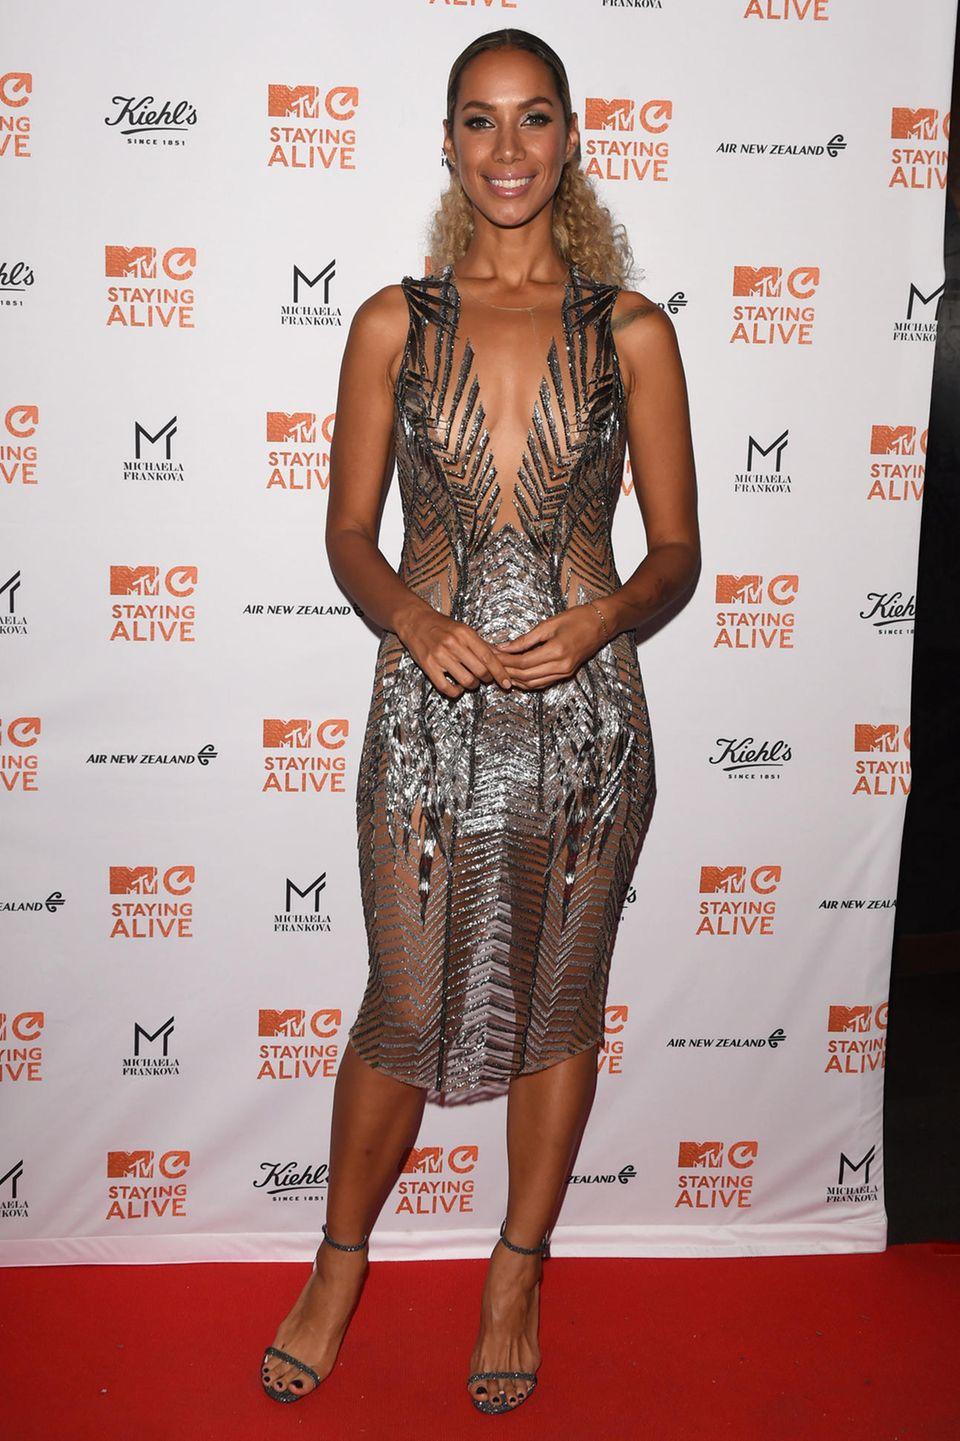 """Bei einer Gala in London präsentiert Sängerin Leona Lewis stolz ihre neu erschlankte Silhouette. In einem durchsichtigen Glitzerkleid überlässt sie wenig der Fantasie und setzt ihre schmale Taille toll in Szene. Die Siegerin der Casting-Show """"X-Factor"""" sorgte bisher meist mit ihrer Hammerstimme für Schlagzeilen, in den letzten Wochen machte sie jedoch immer wieder wegen ihrer tollen Figur von sich Reden."""